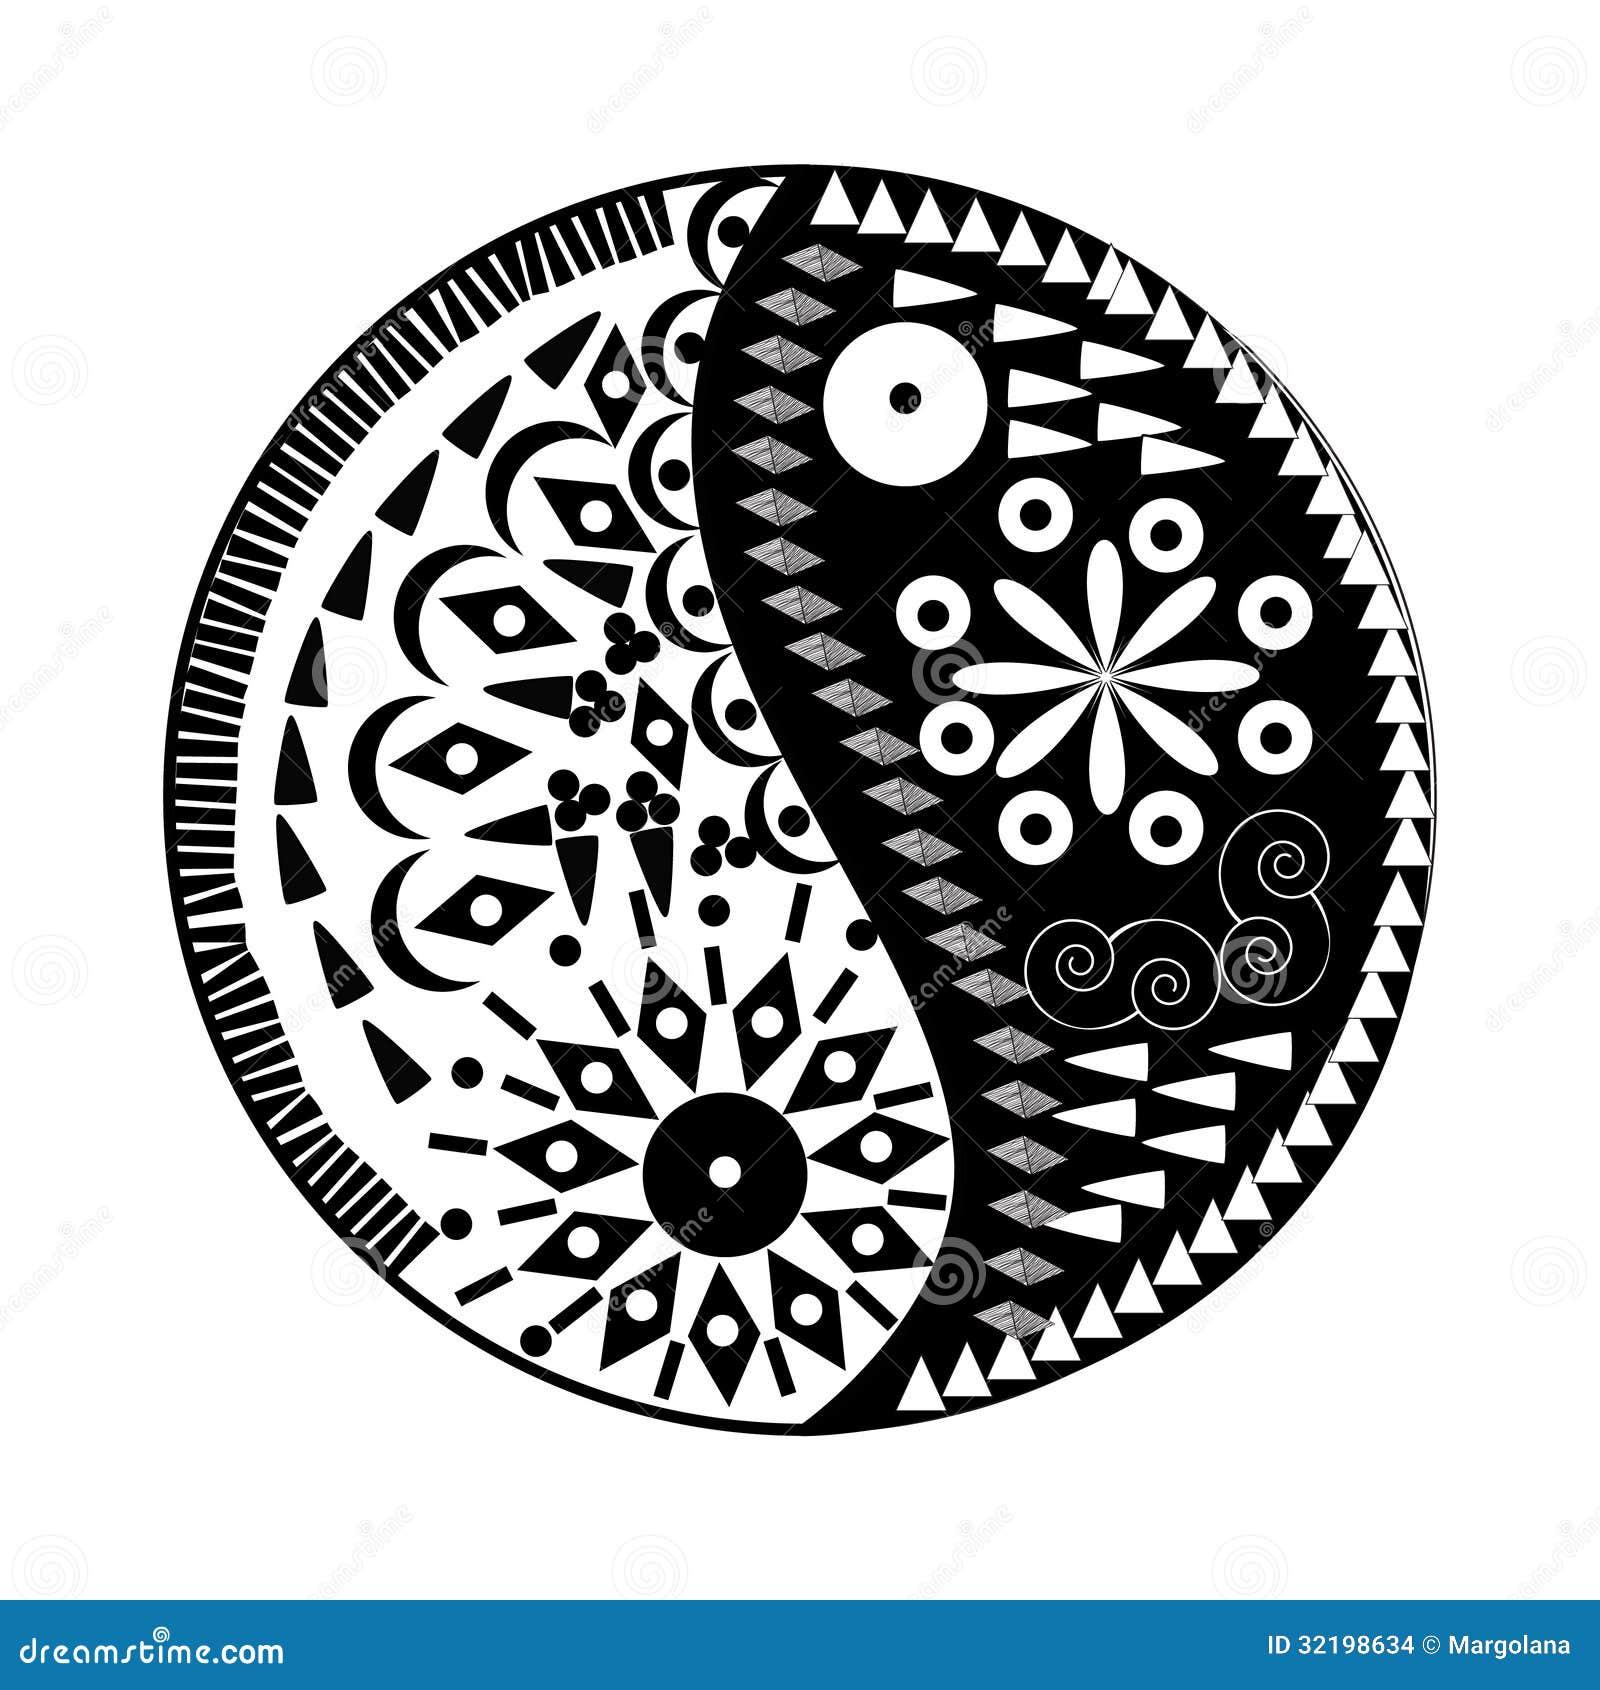 Yin yang symbol floral symbol stock vector illustration of asian yin yang symbol floral symbol buycottarizona Choice Image